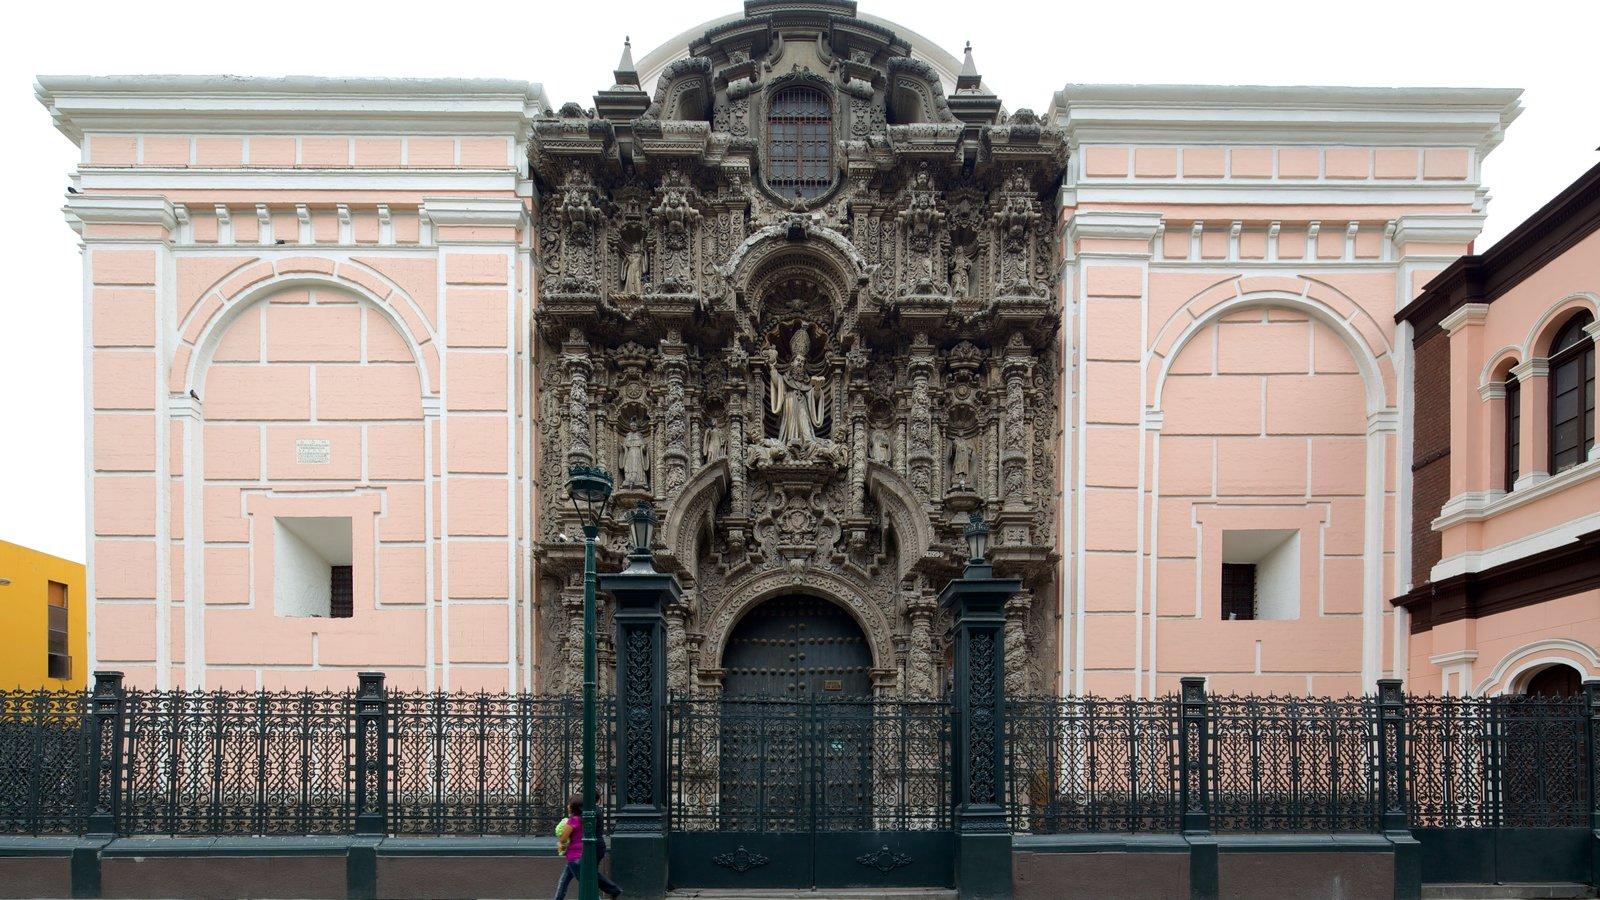 Lima que inclui cenas de rua e arquitetura de patrimônio